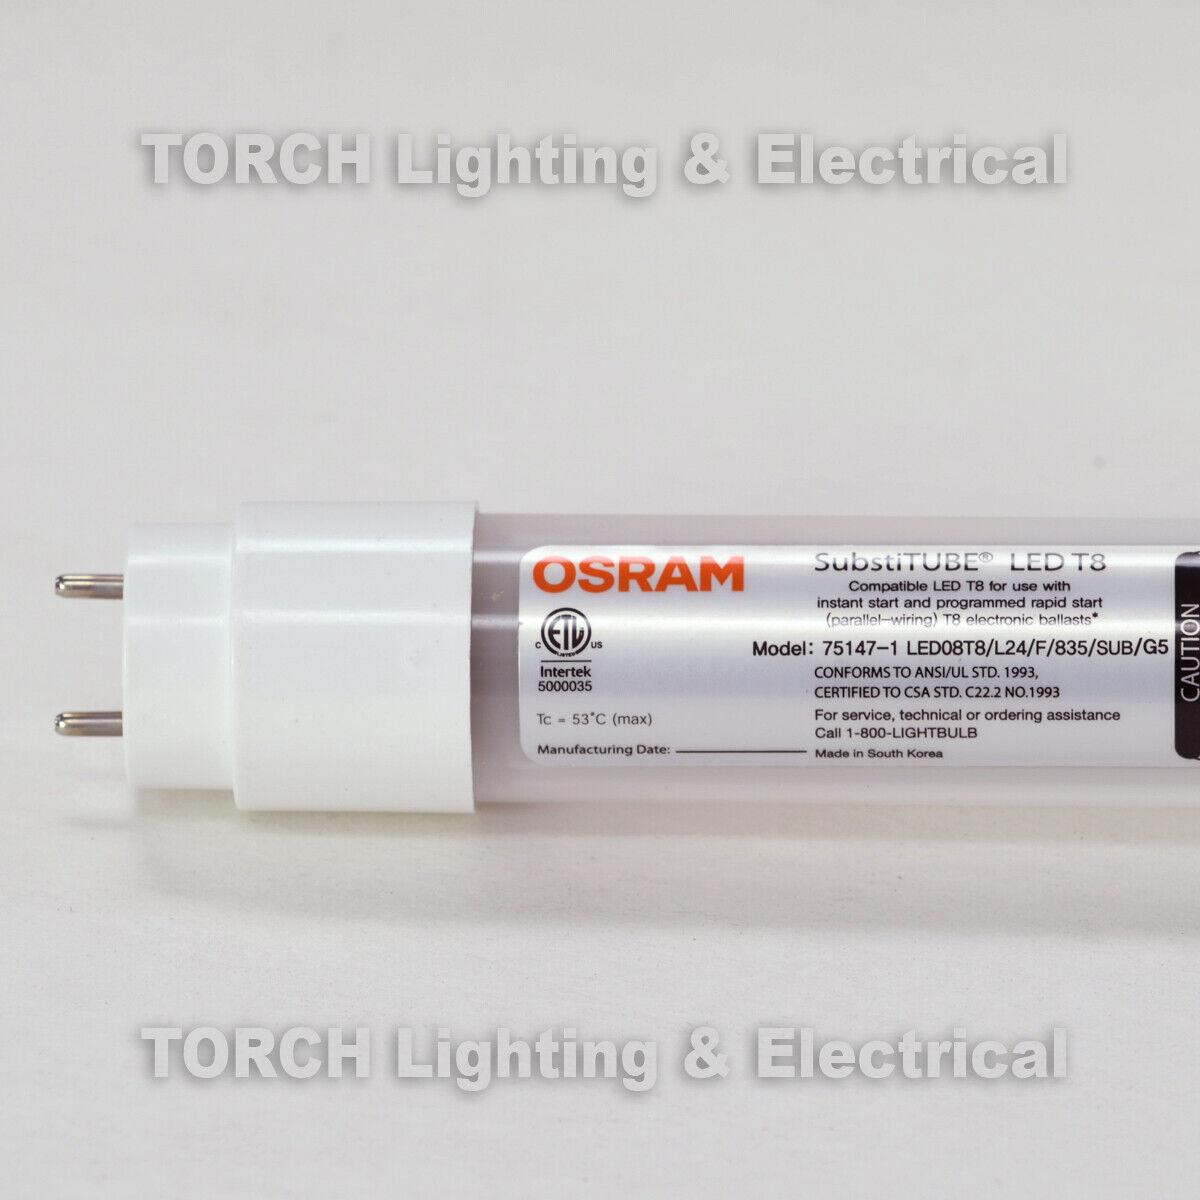 2er Pack Osram Substitube LED Starter T8